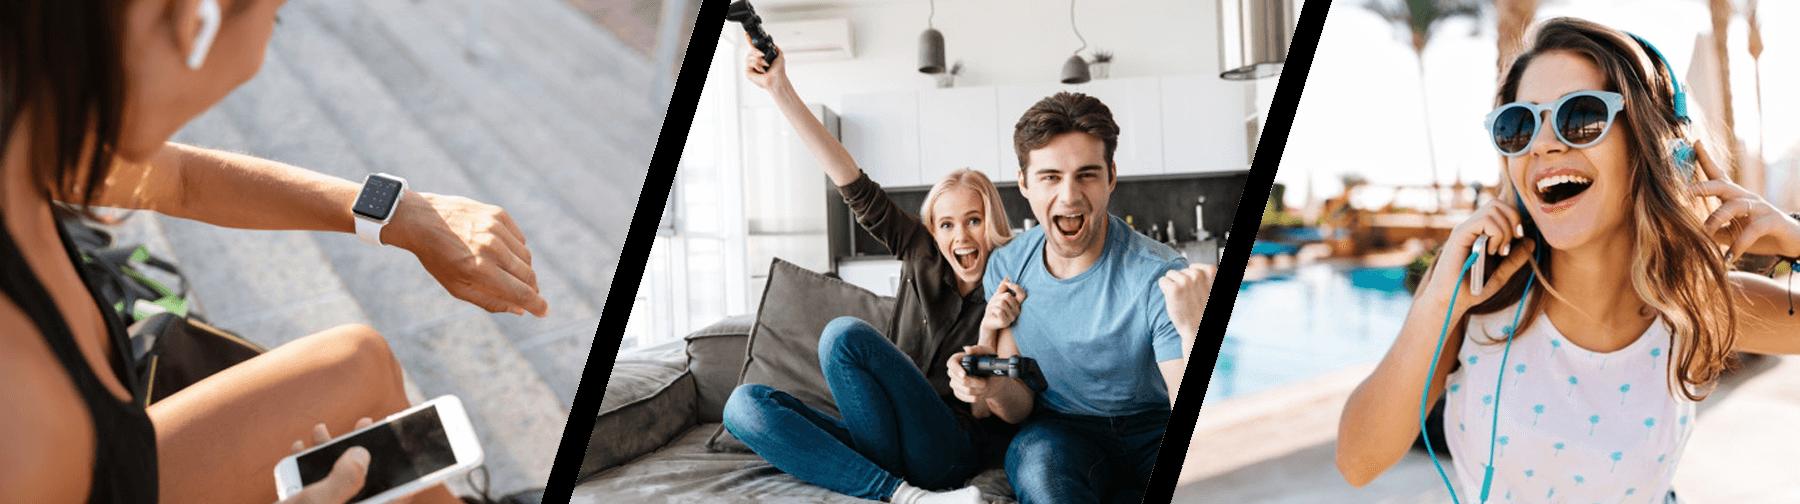 Smartwatch, ασύρματα ακουστικά, κάμερα, κάμερα ασφαλείας, κοντάρι για selfie και άλλες διασκεδαστικές ηλεκτρονικές συσκευές